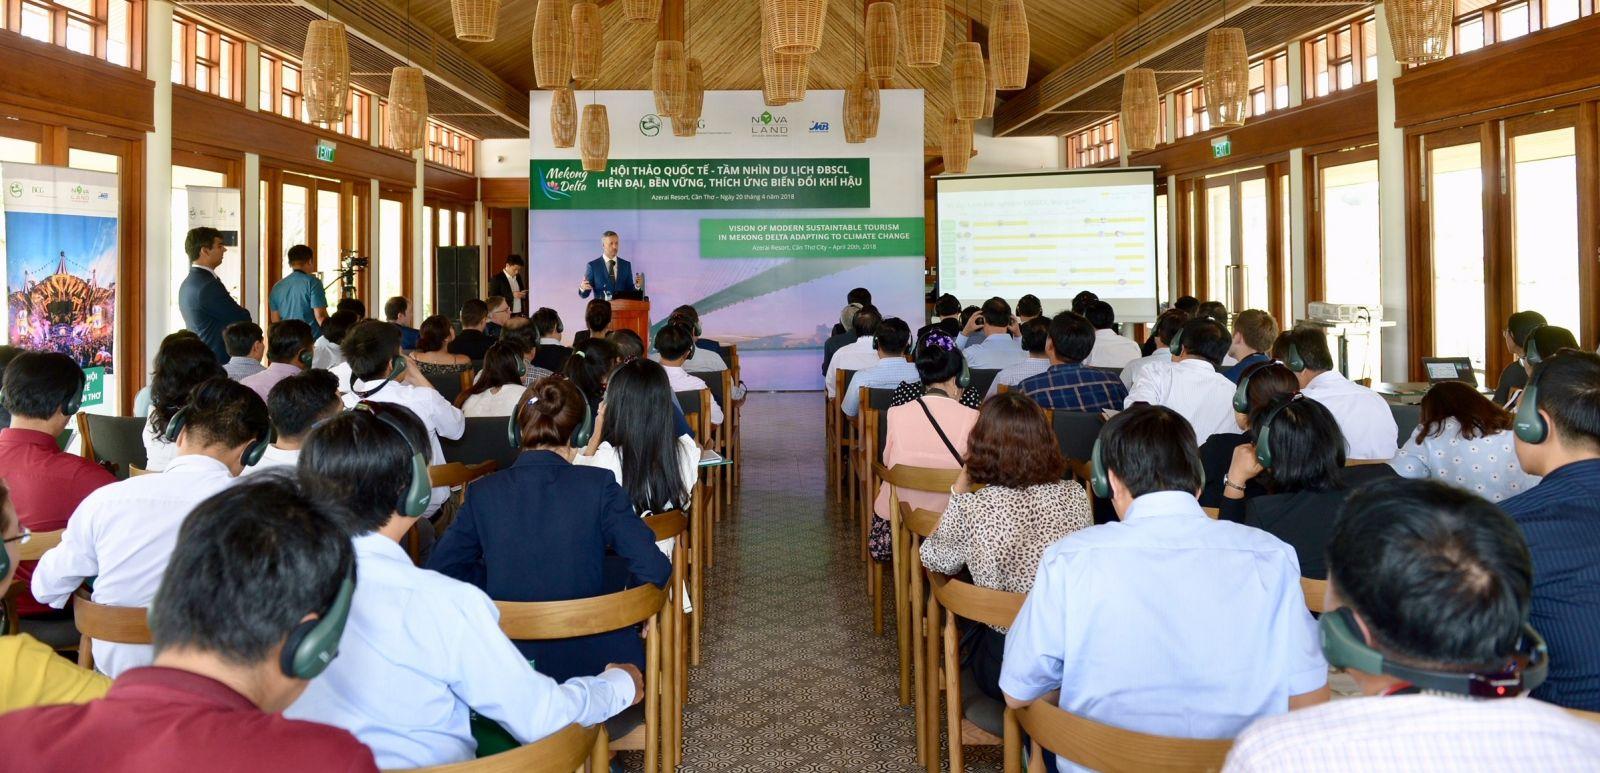 """Hội thảo quốc tế """"Tầm nhìn hiện đại về Du lịch ĐBSCL bền vững thích ứng biến đổi khí hậu với Cần Thơ là trung tâm"""""""